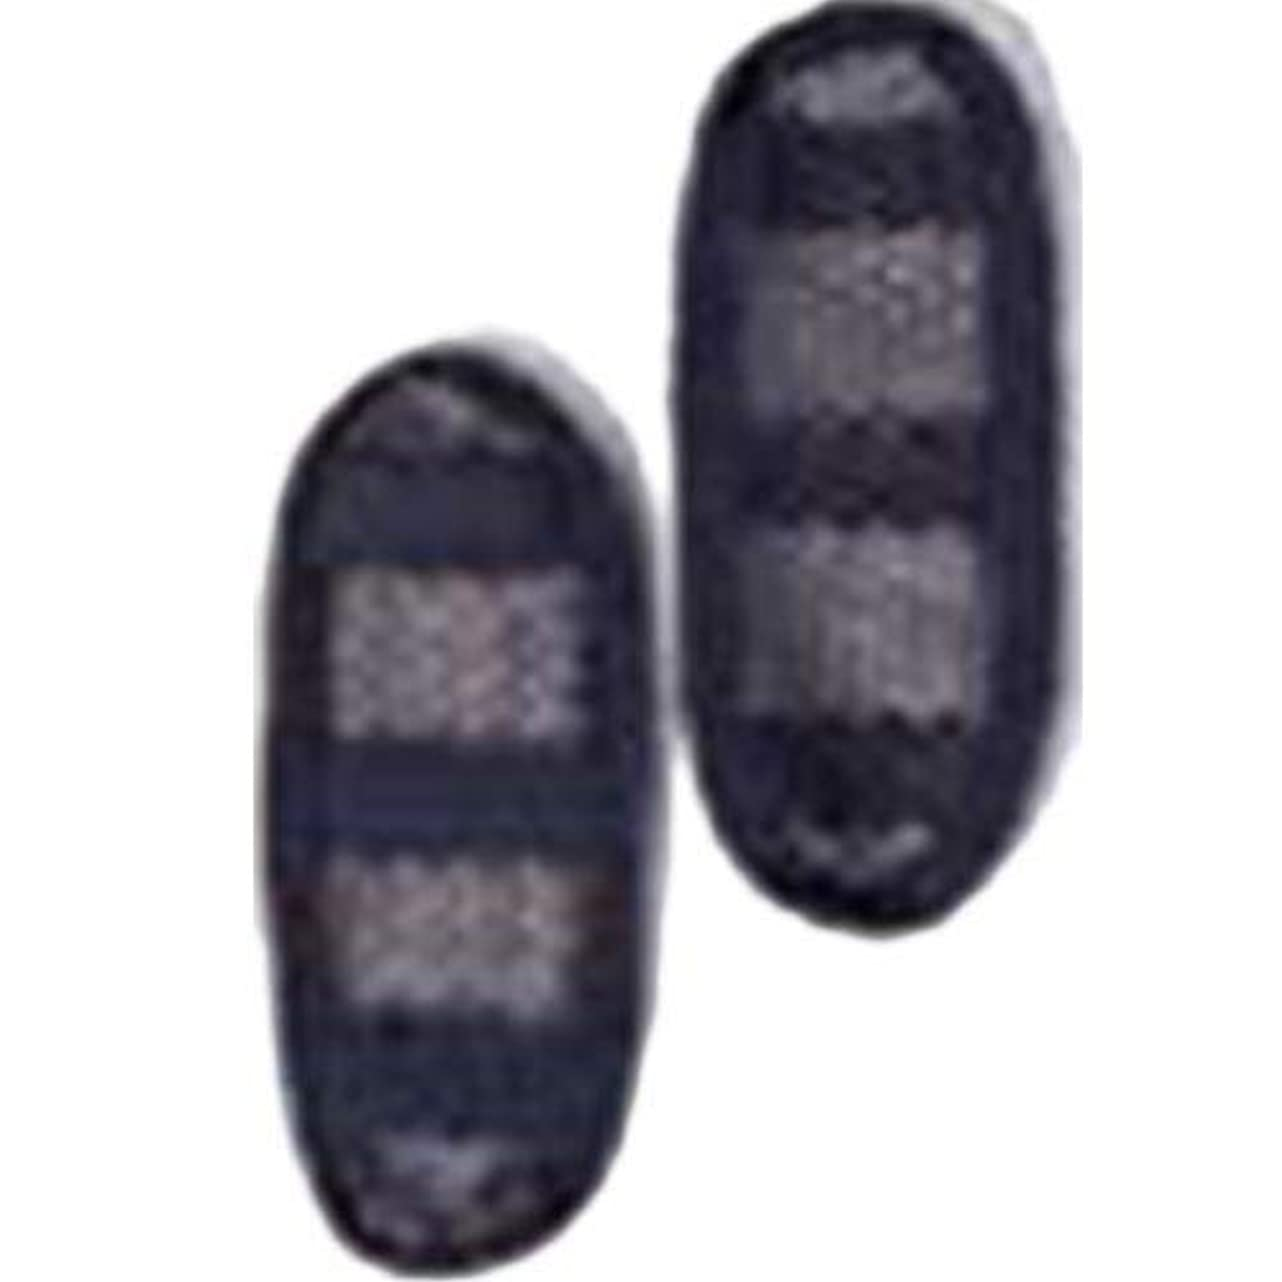 正しく助けになる口頭アライテント ハニカムメッシュ製ショルダーパッドセット(2個1組) 201500